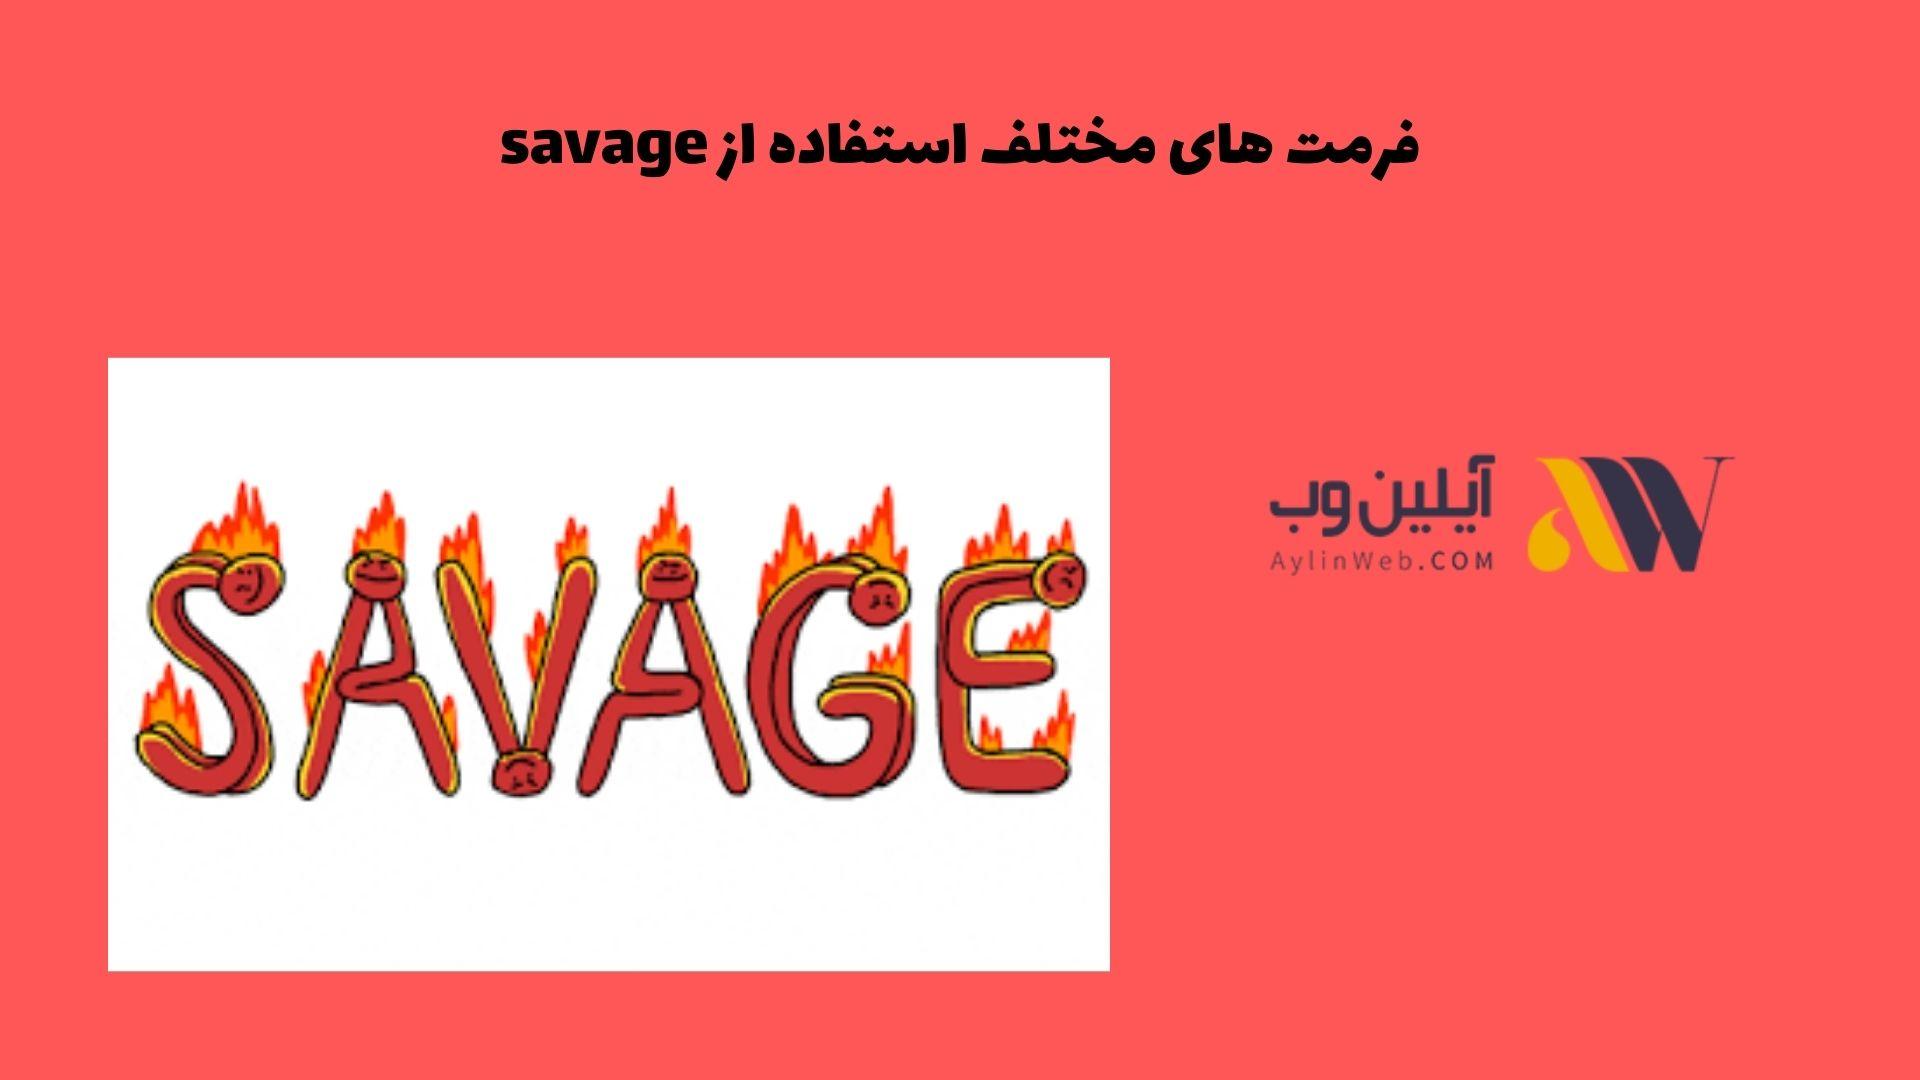 فرمت های مختلف استفاده از savage